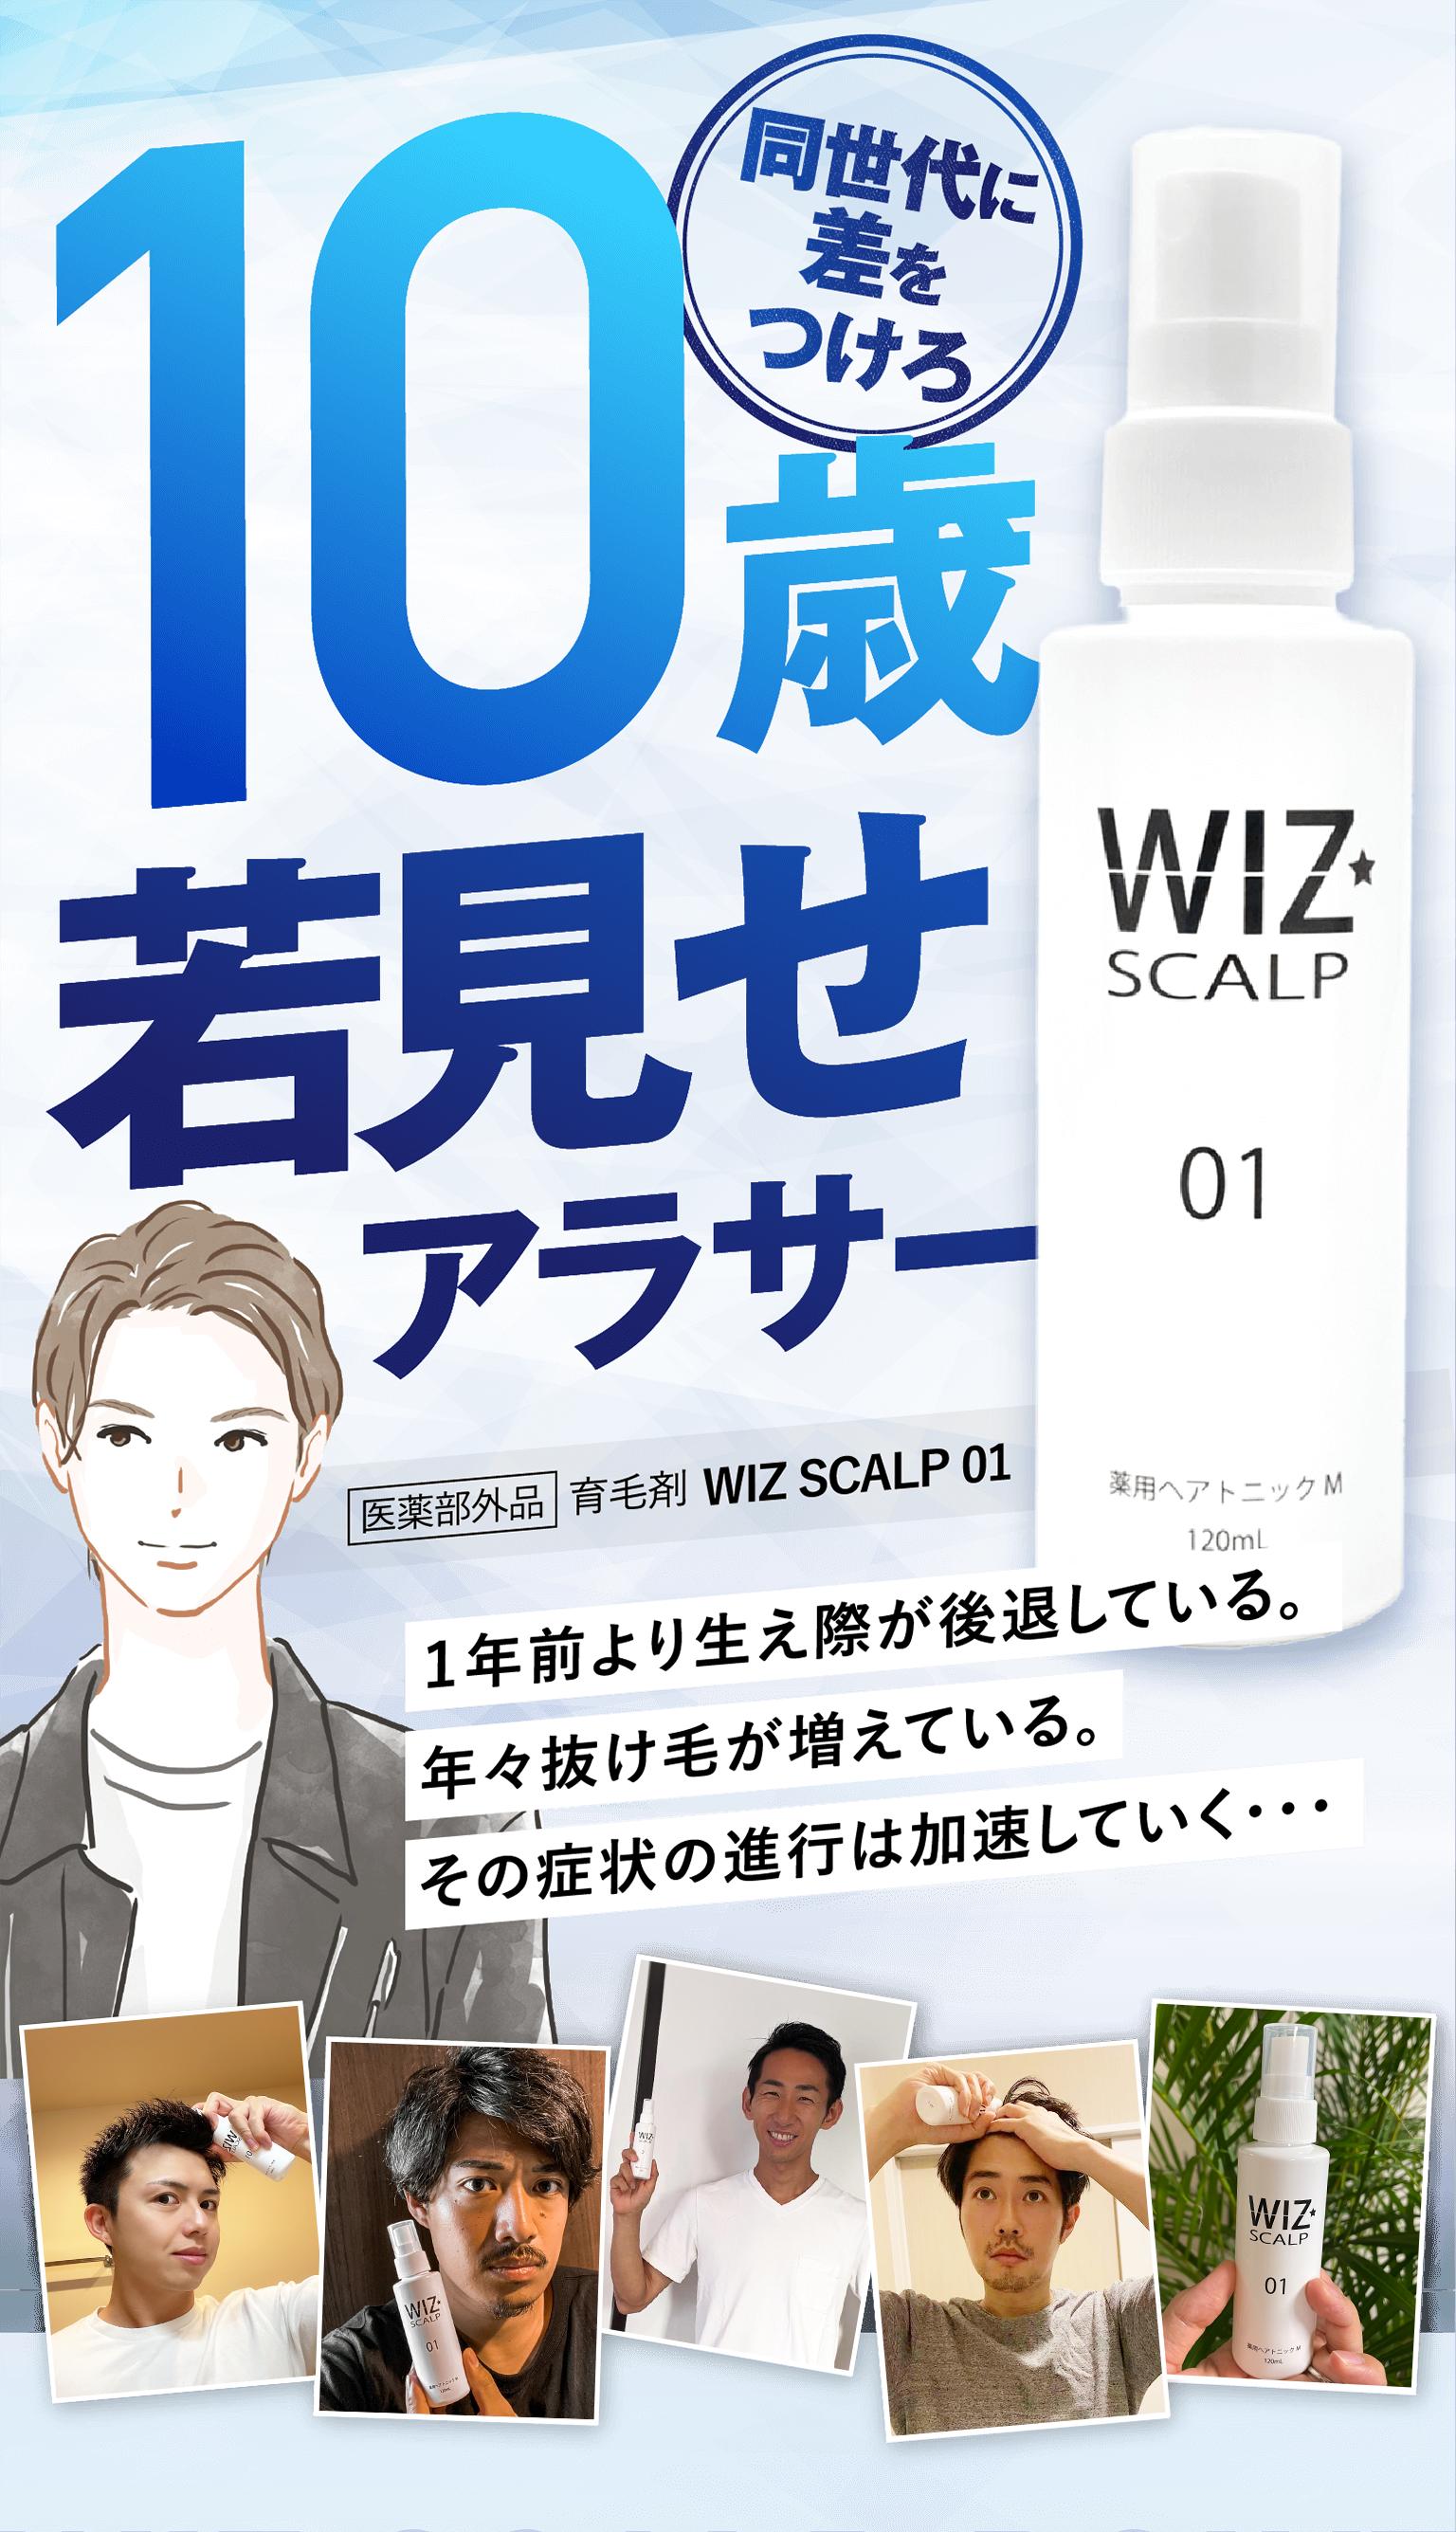 育毛剤「WIZ SCALP」ウィズスカルプで10歳若見せ!同世代に差をつけろ!